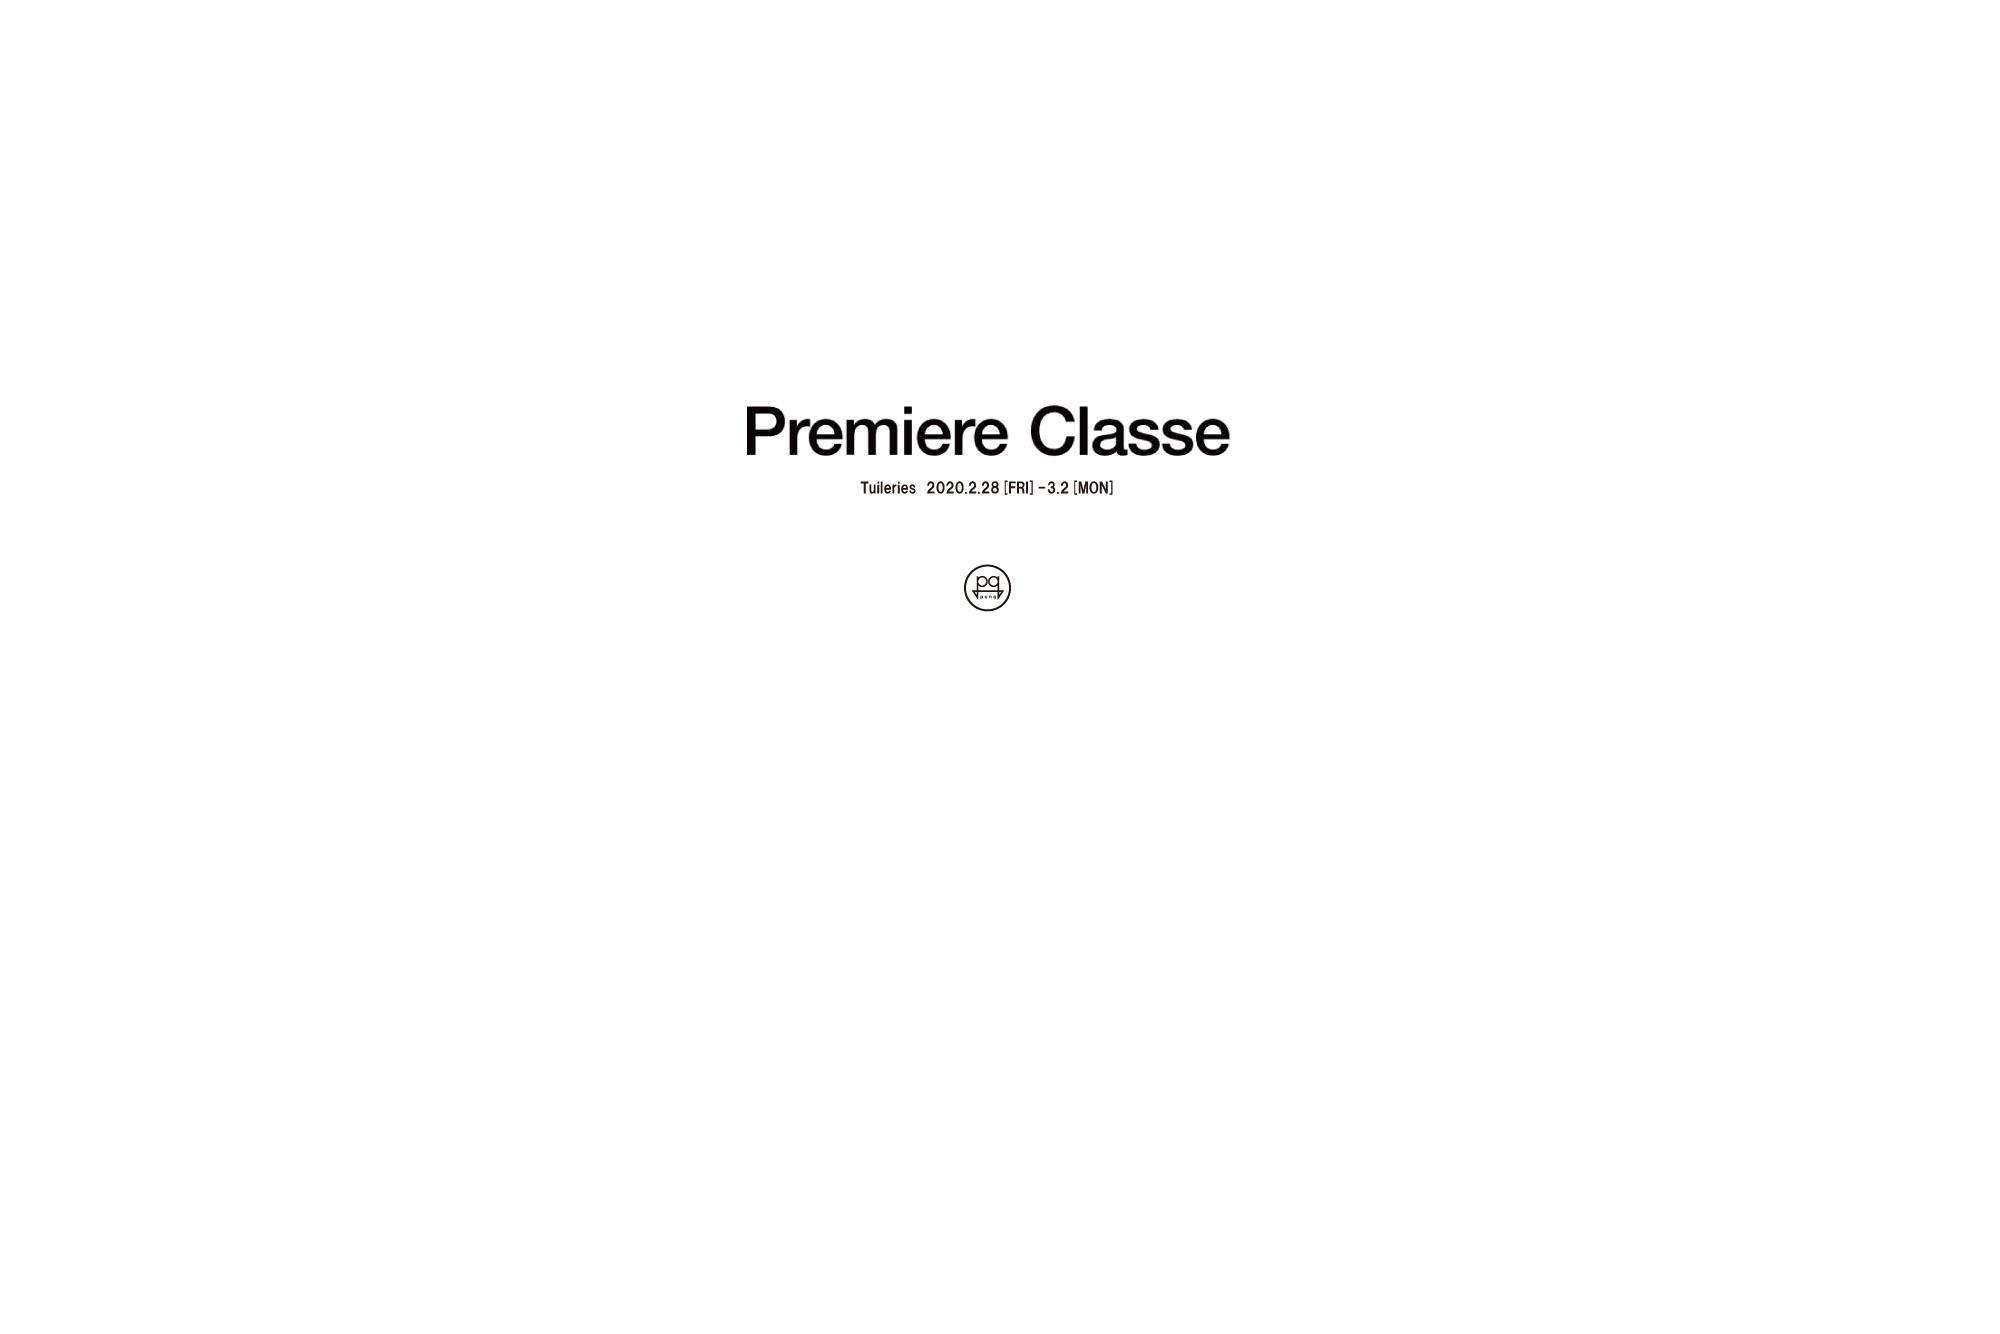 Premiere Classe.